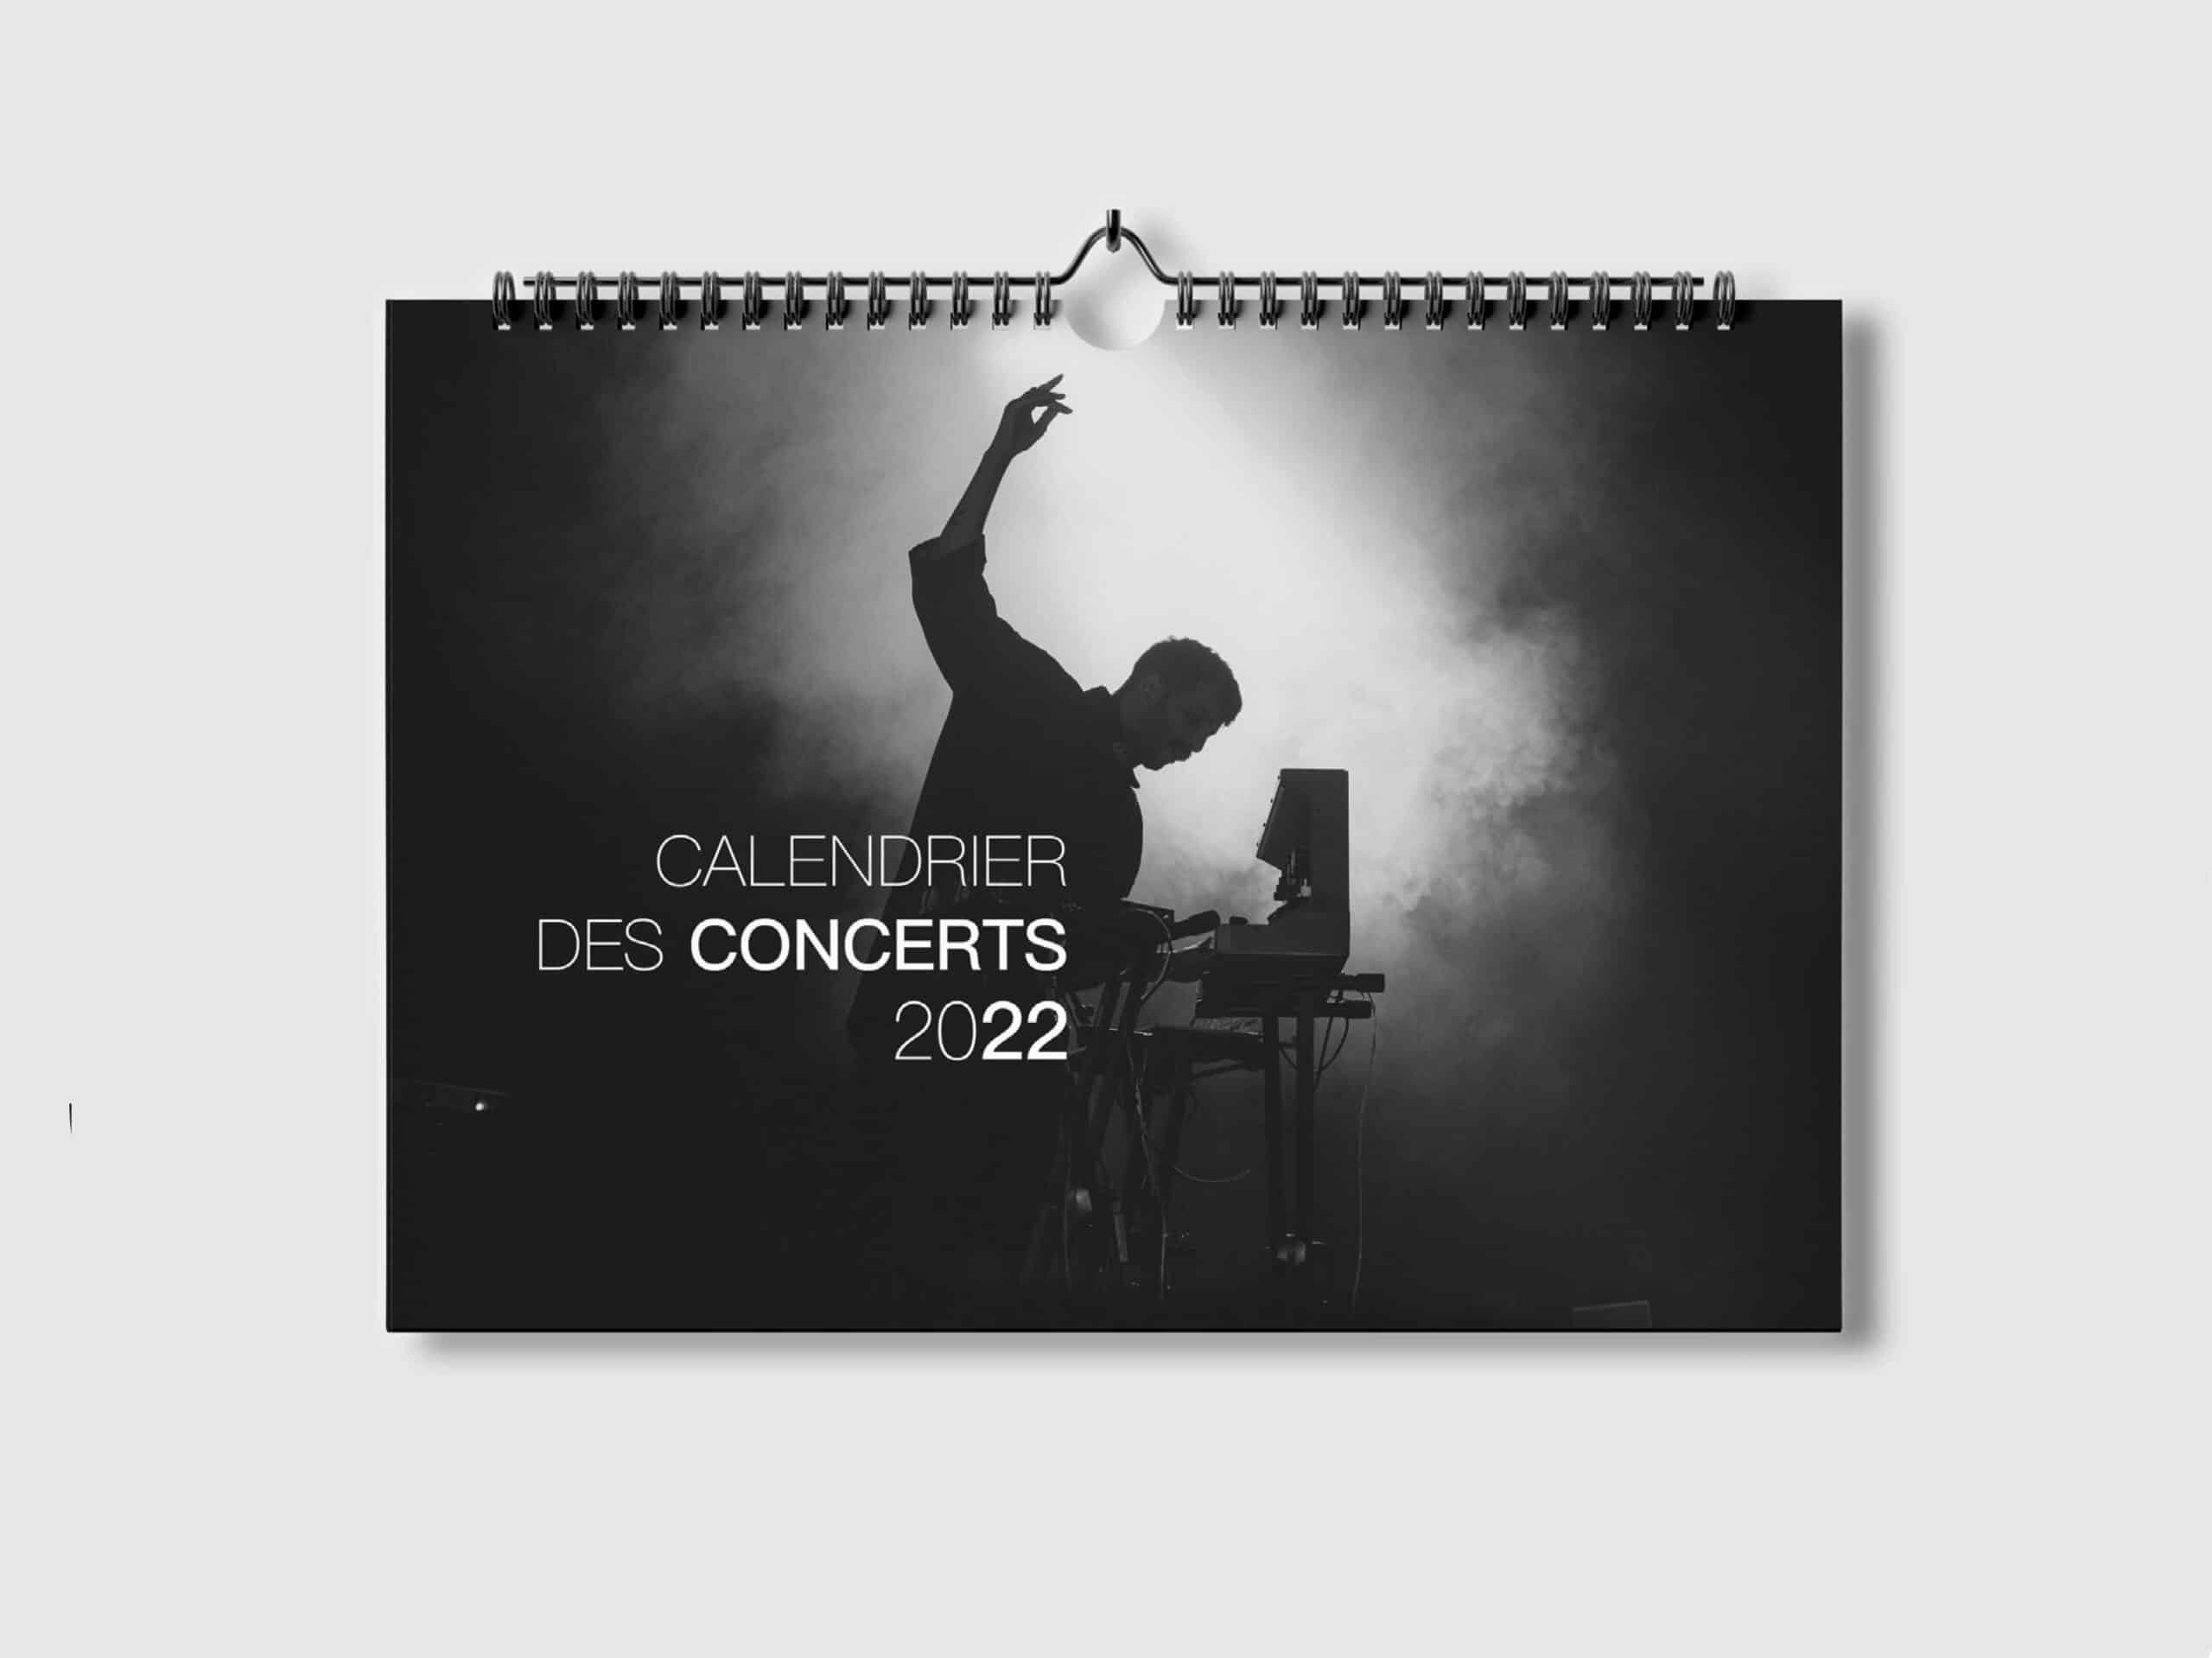 Calendrier des Concerts 2022